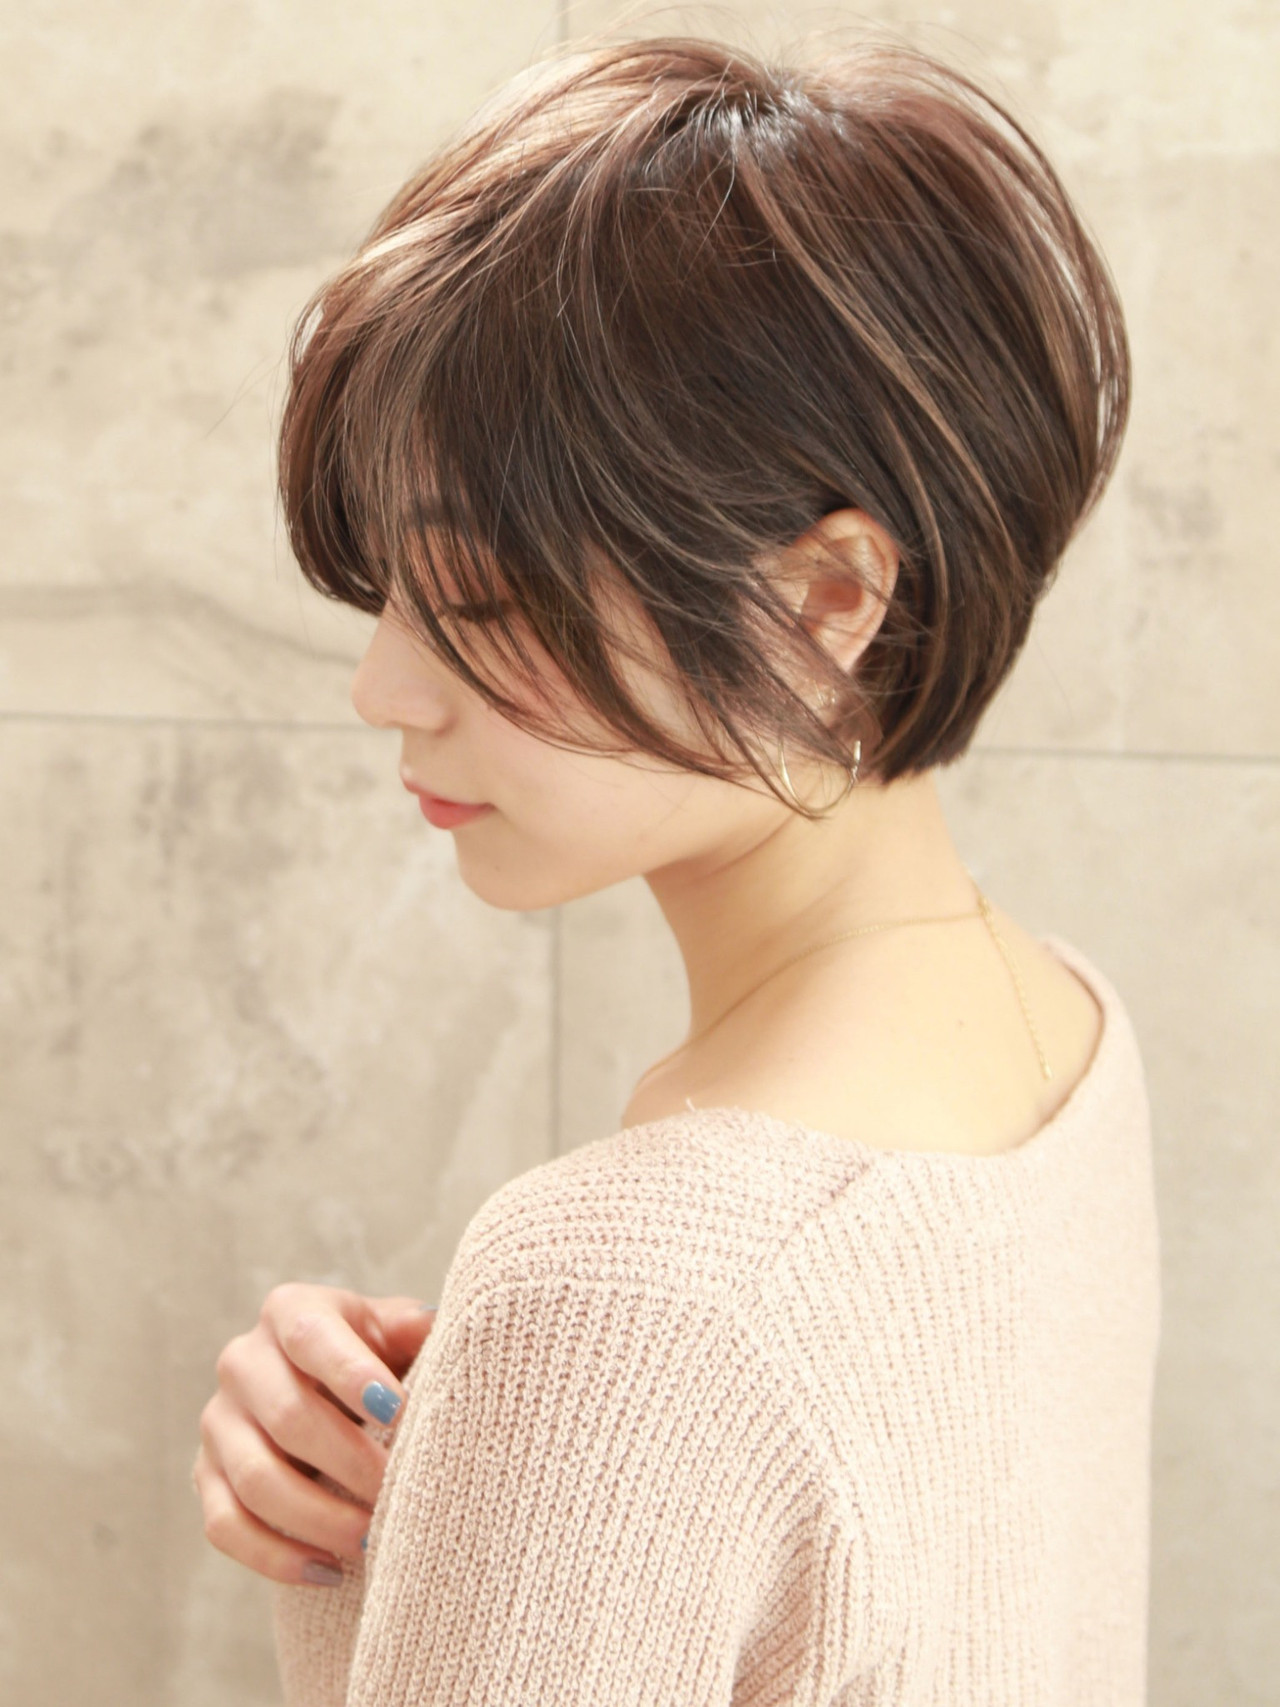 デジタルパーマ ショート ナチュラル ショートボブ ヘアスタイルや髪型の写真・画像 | いしばしなおや / &STORIES 表参道